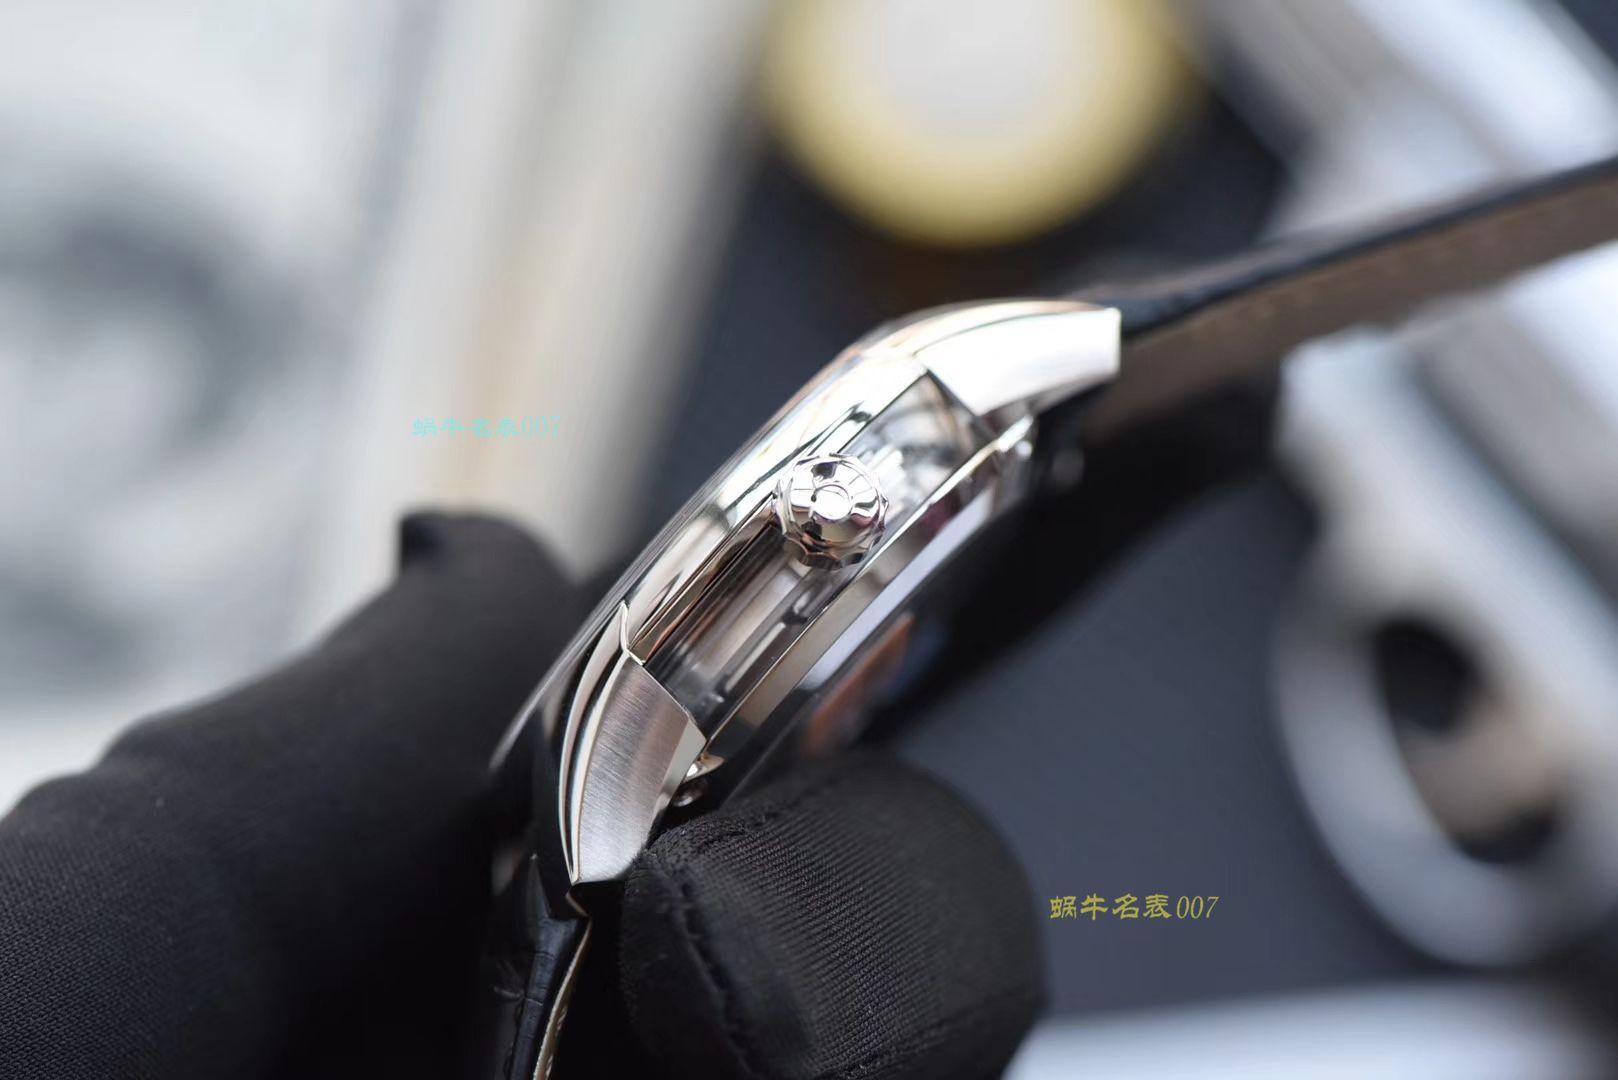 (视频评测)欧米茄碟飞系列431.33.41.21.01.001腕表【VS厂顶级复刻手表】 / M369